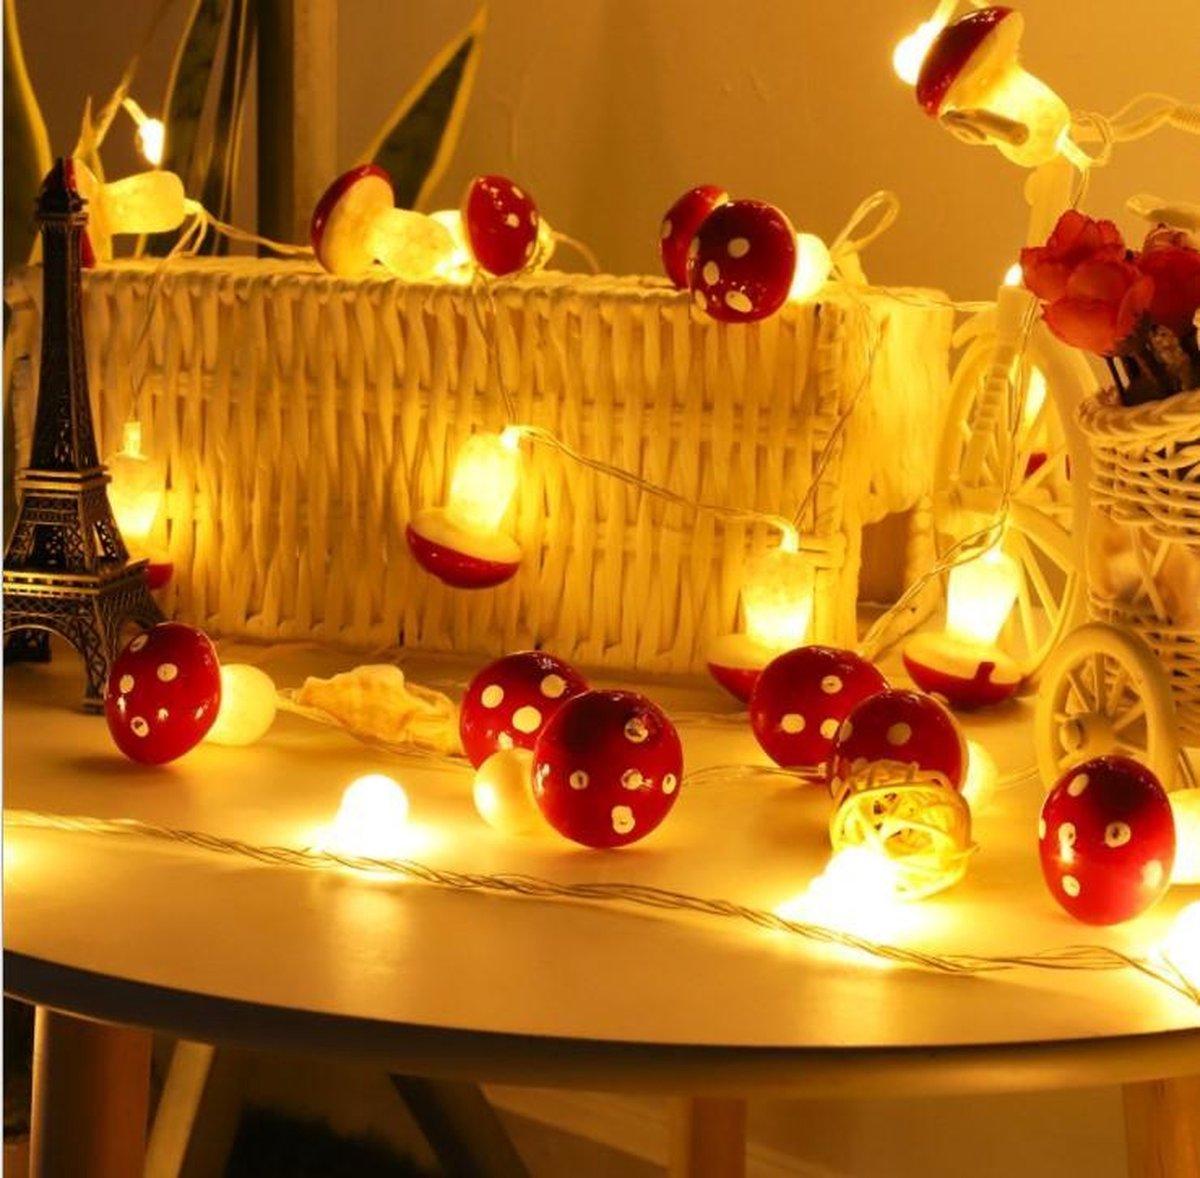 Instalights - Paddestoel LED Slinger Lichtjes - 1 Meter met 10 leuke Paddestoel lichtjes - 2x AA Batterij (niet inbegrepen)  - Herfst Sfeerverlichting - Decoratie lichtjes kopen